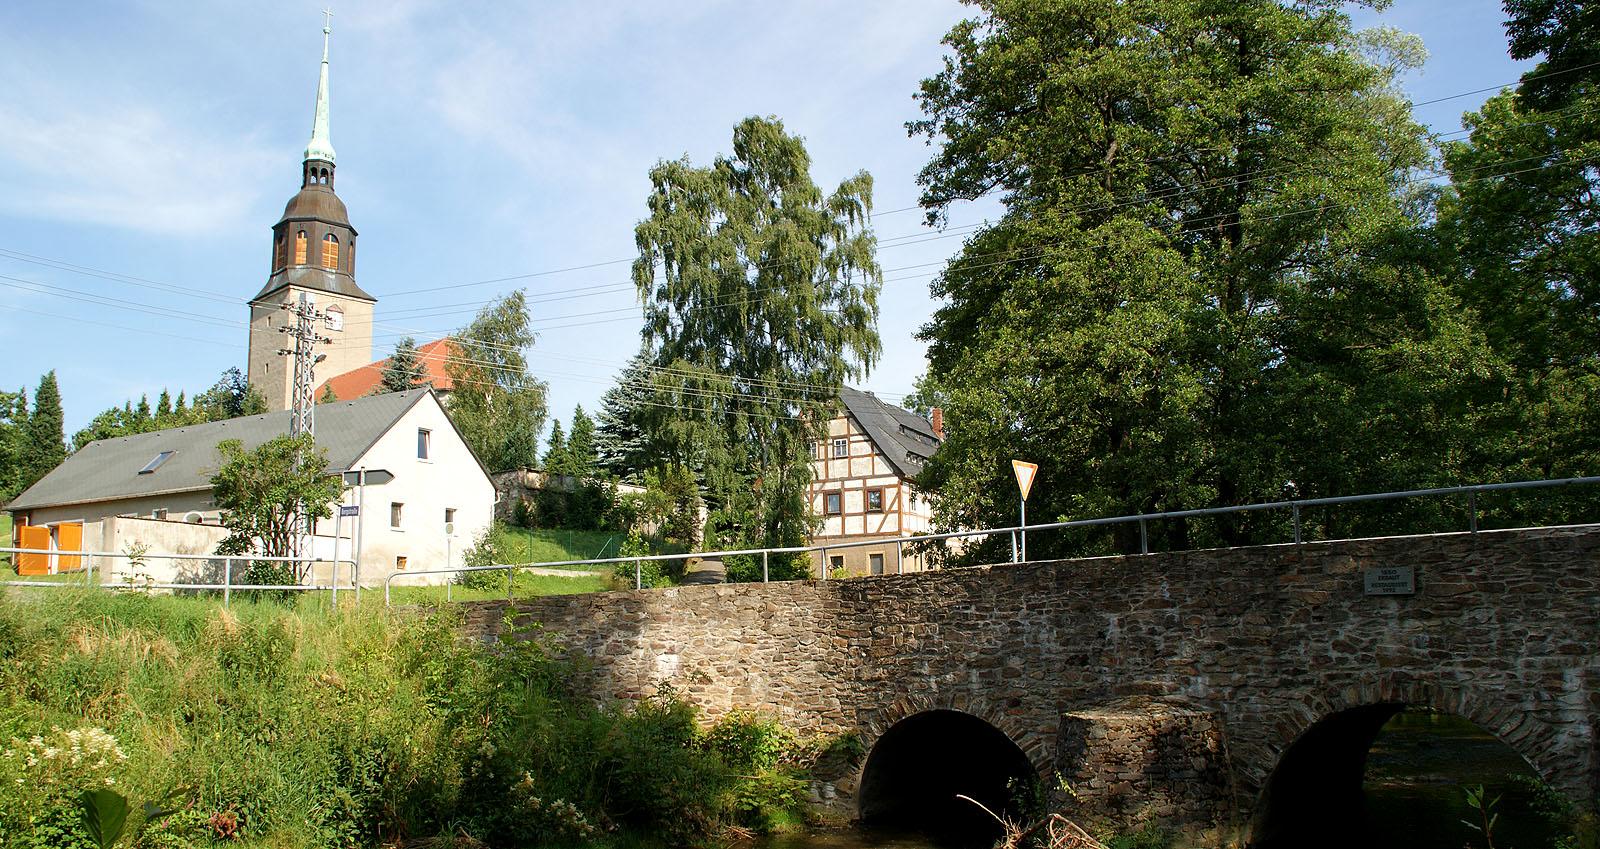 Erzgebirgsdorf